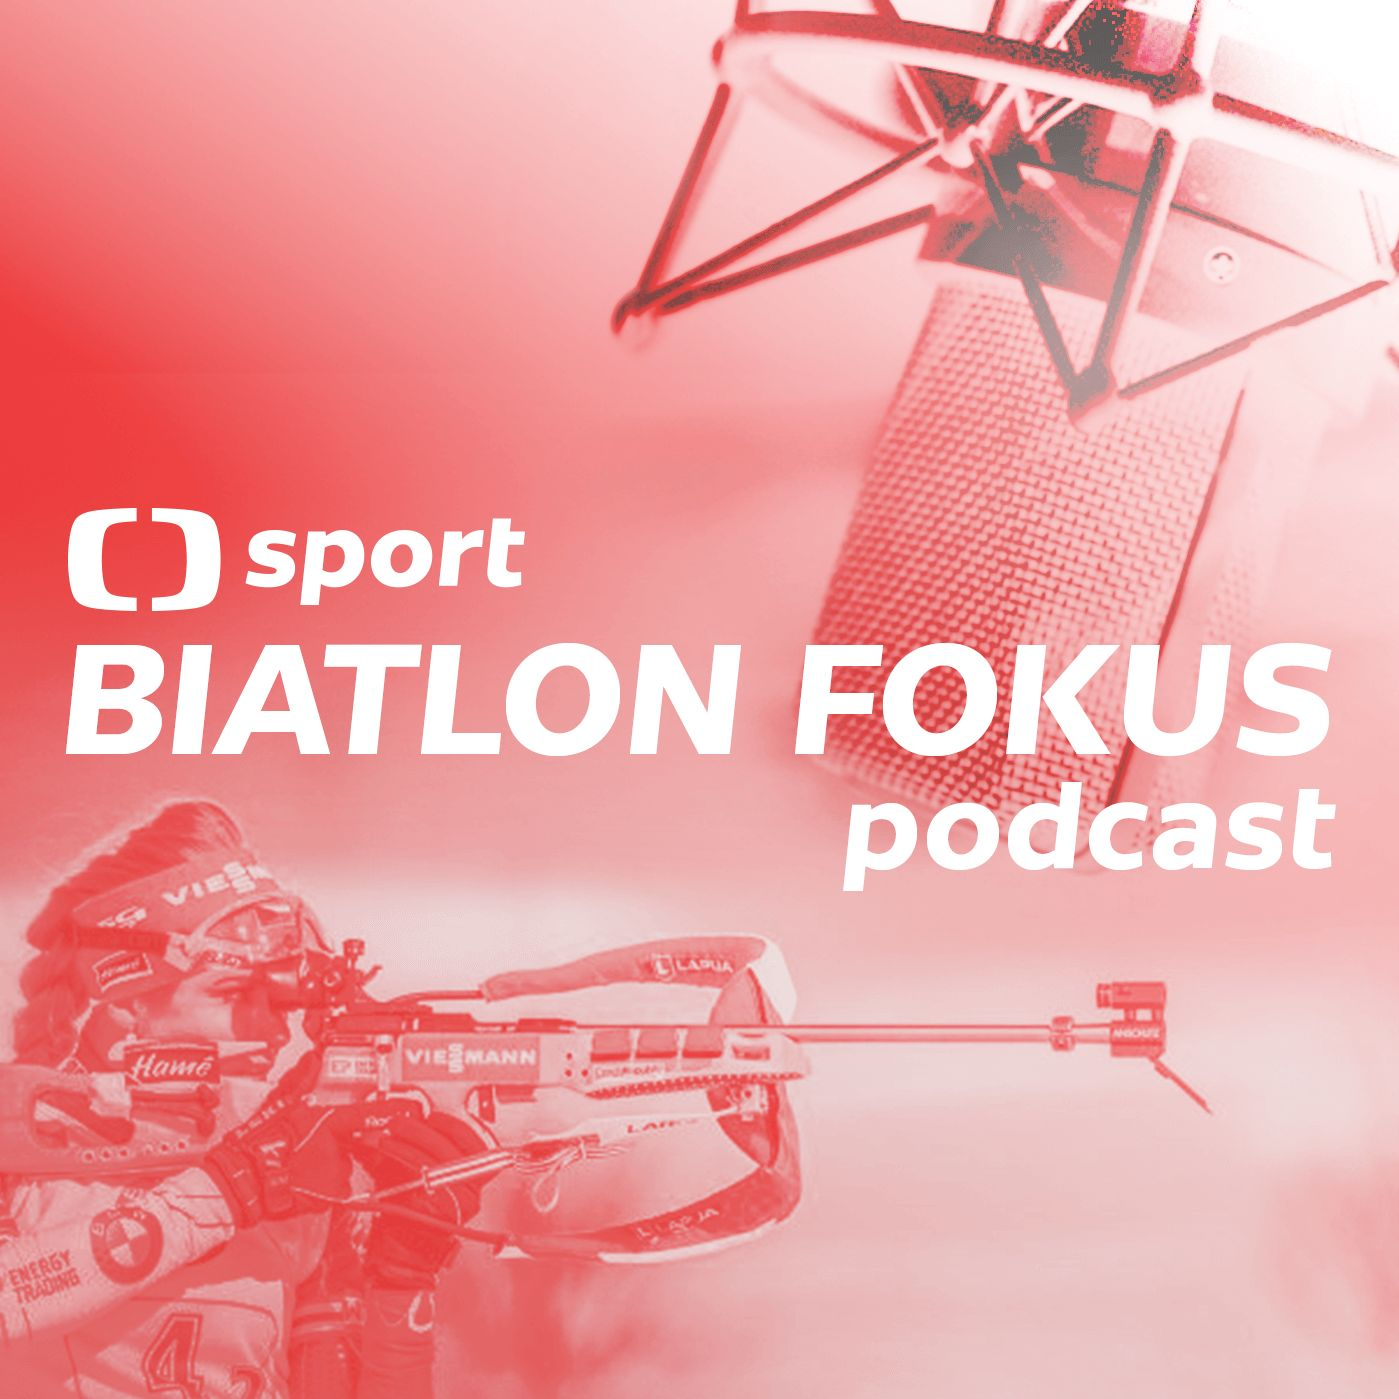 Biatlon fokus podcast: Kolik medailí přivezou z olympiády čeští biatlonisté?